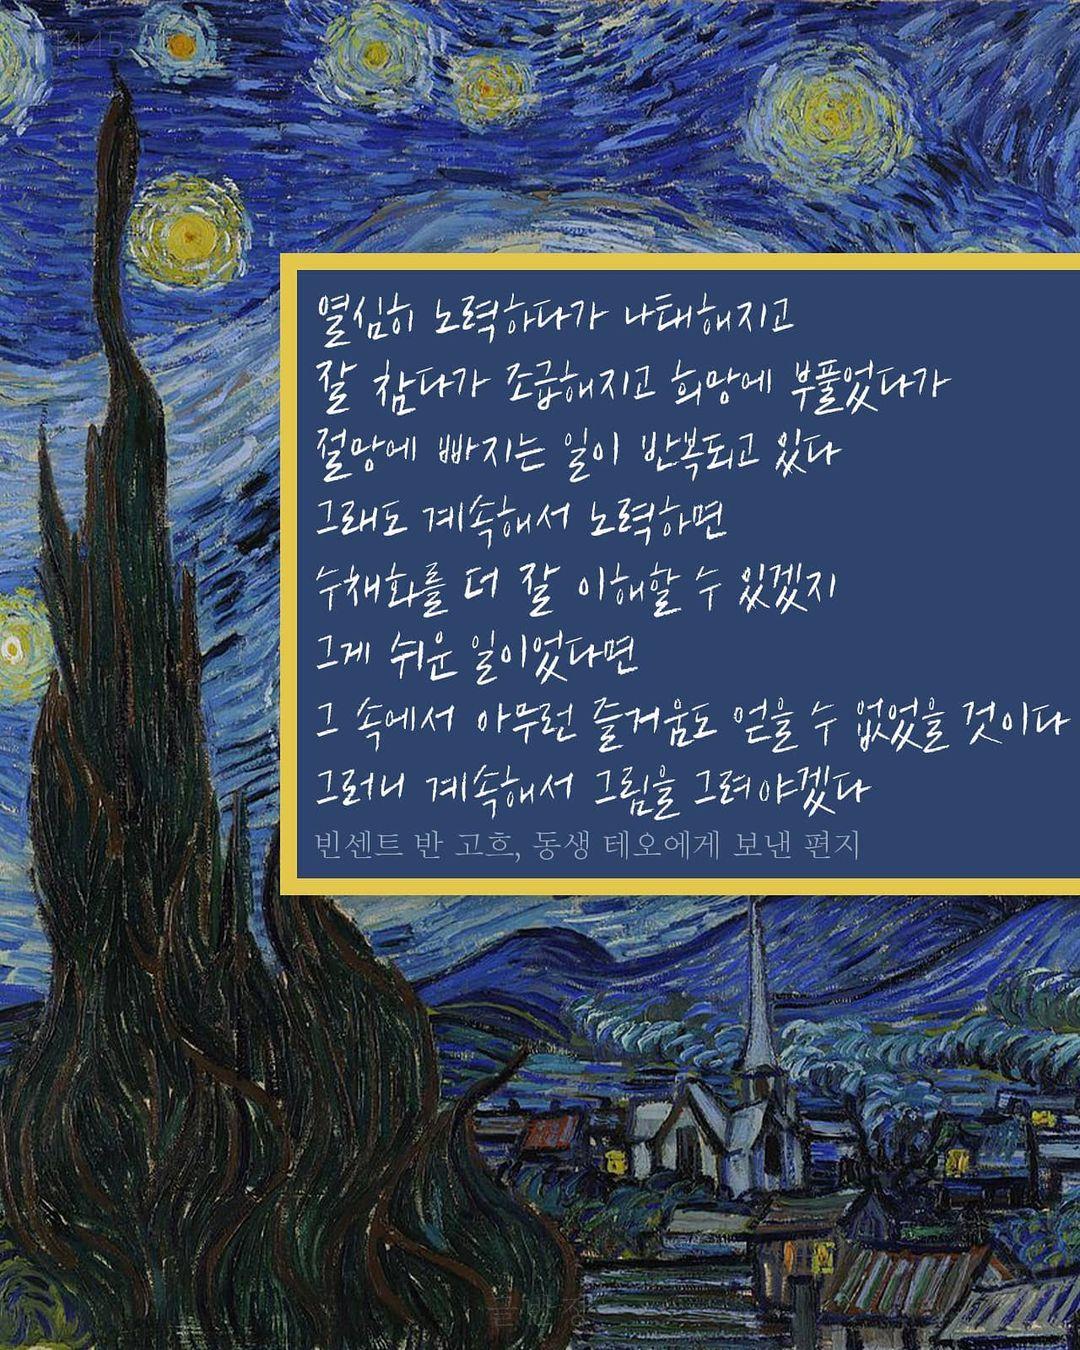 계속해서 그림을 그려야겠다 - 빈센트 반 고흐(Vincent van Gogh), 동생 테오에게 보낸 편지